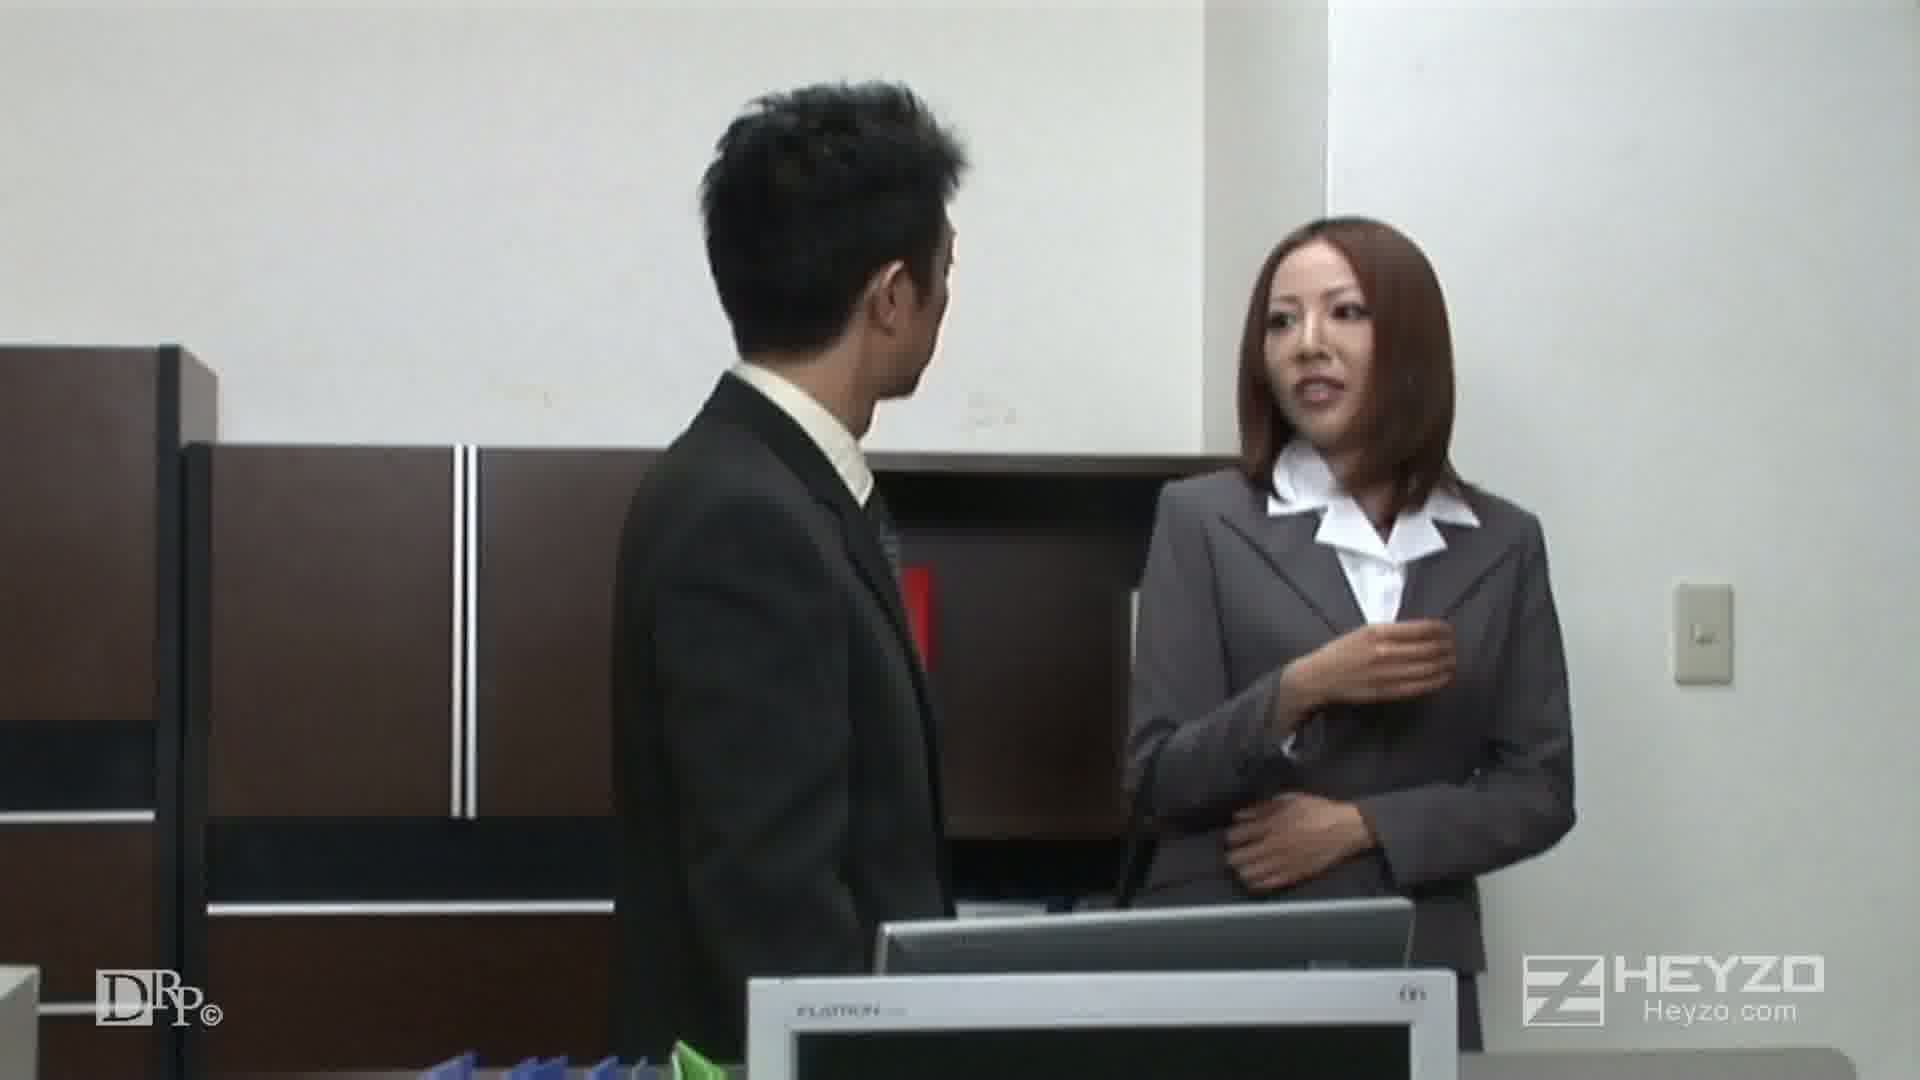 弱みを握られた敏腕美人秘書~汚された高嶺の花~ - 水川エミリ【ディルド】